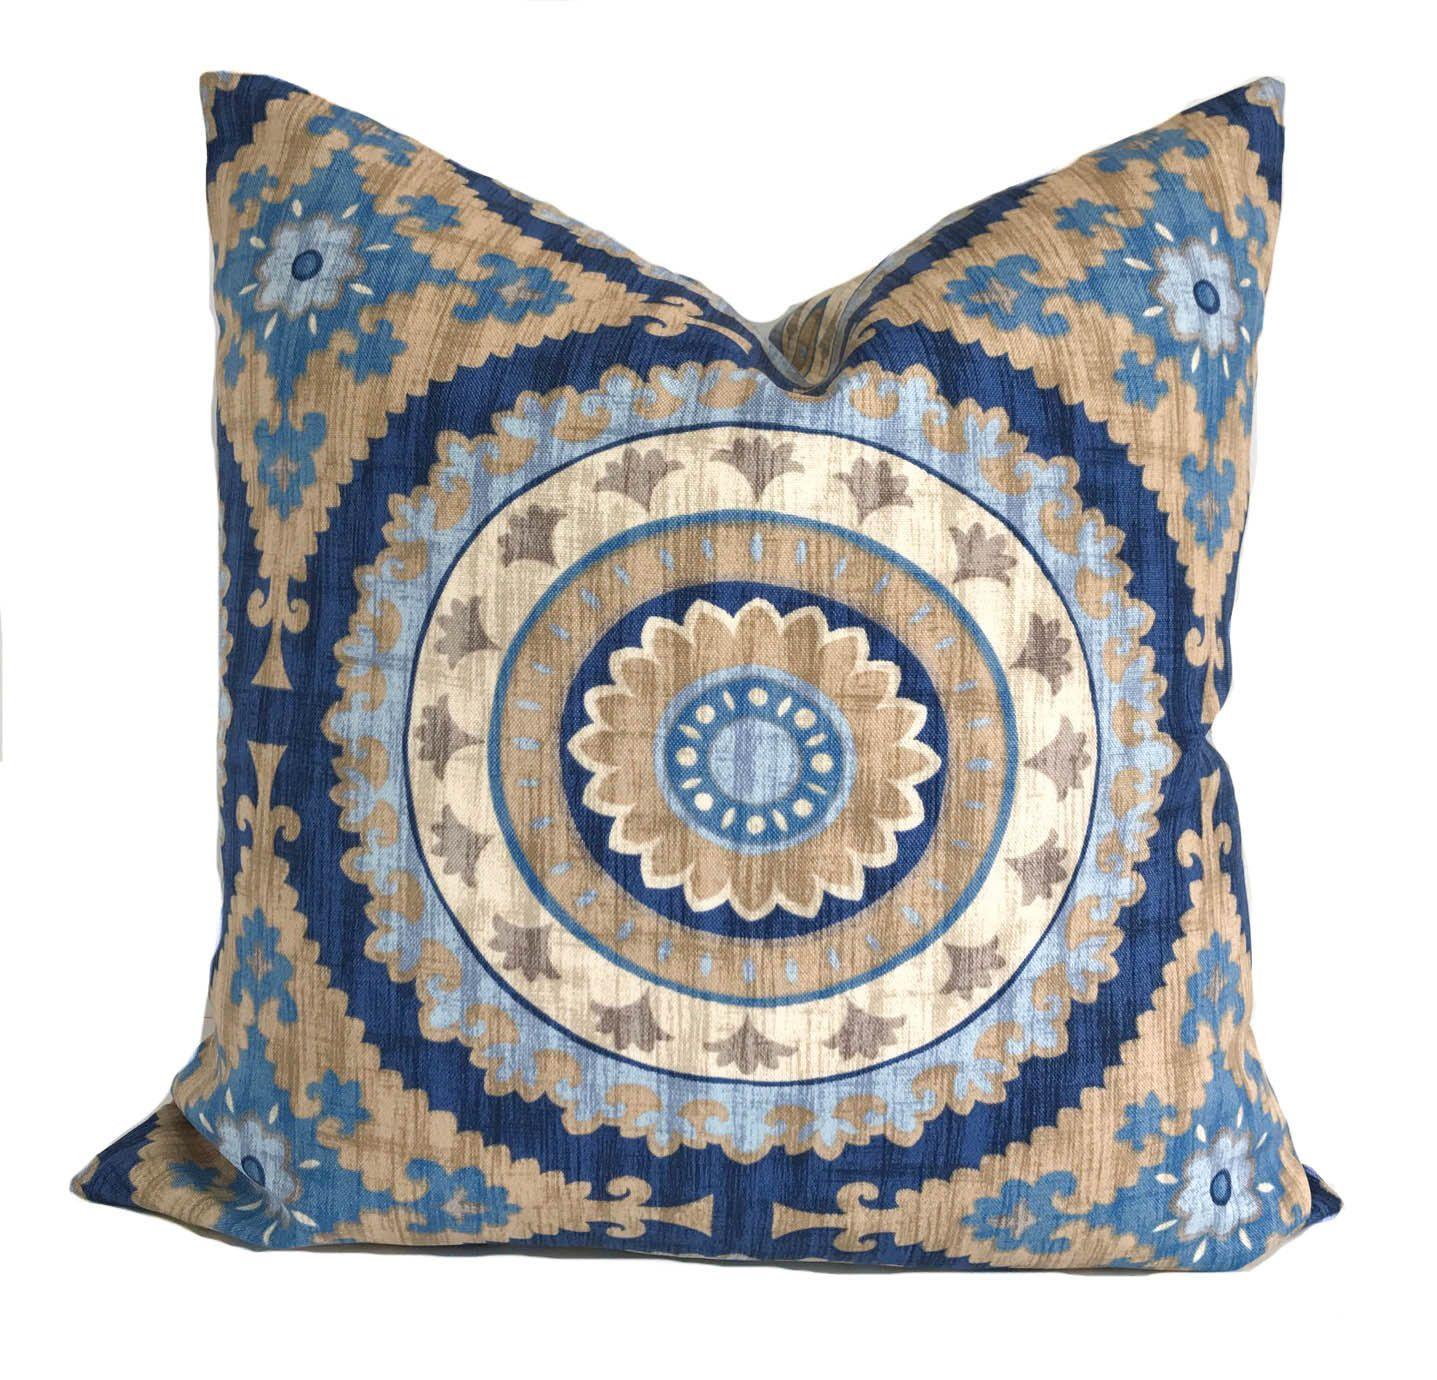 Outdoor Cushion Cover, 20x20, Outdoor Pillow, Patio Cushions, Blue Outdoor  Throw Pillow, Outdoor Decorative Pillow, Suzani Pillow